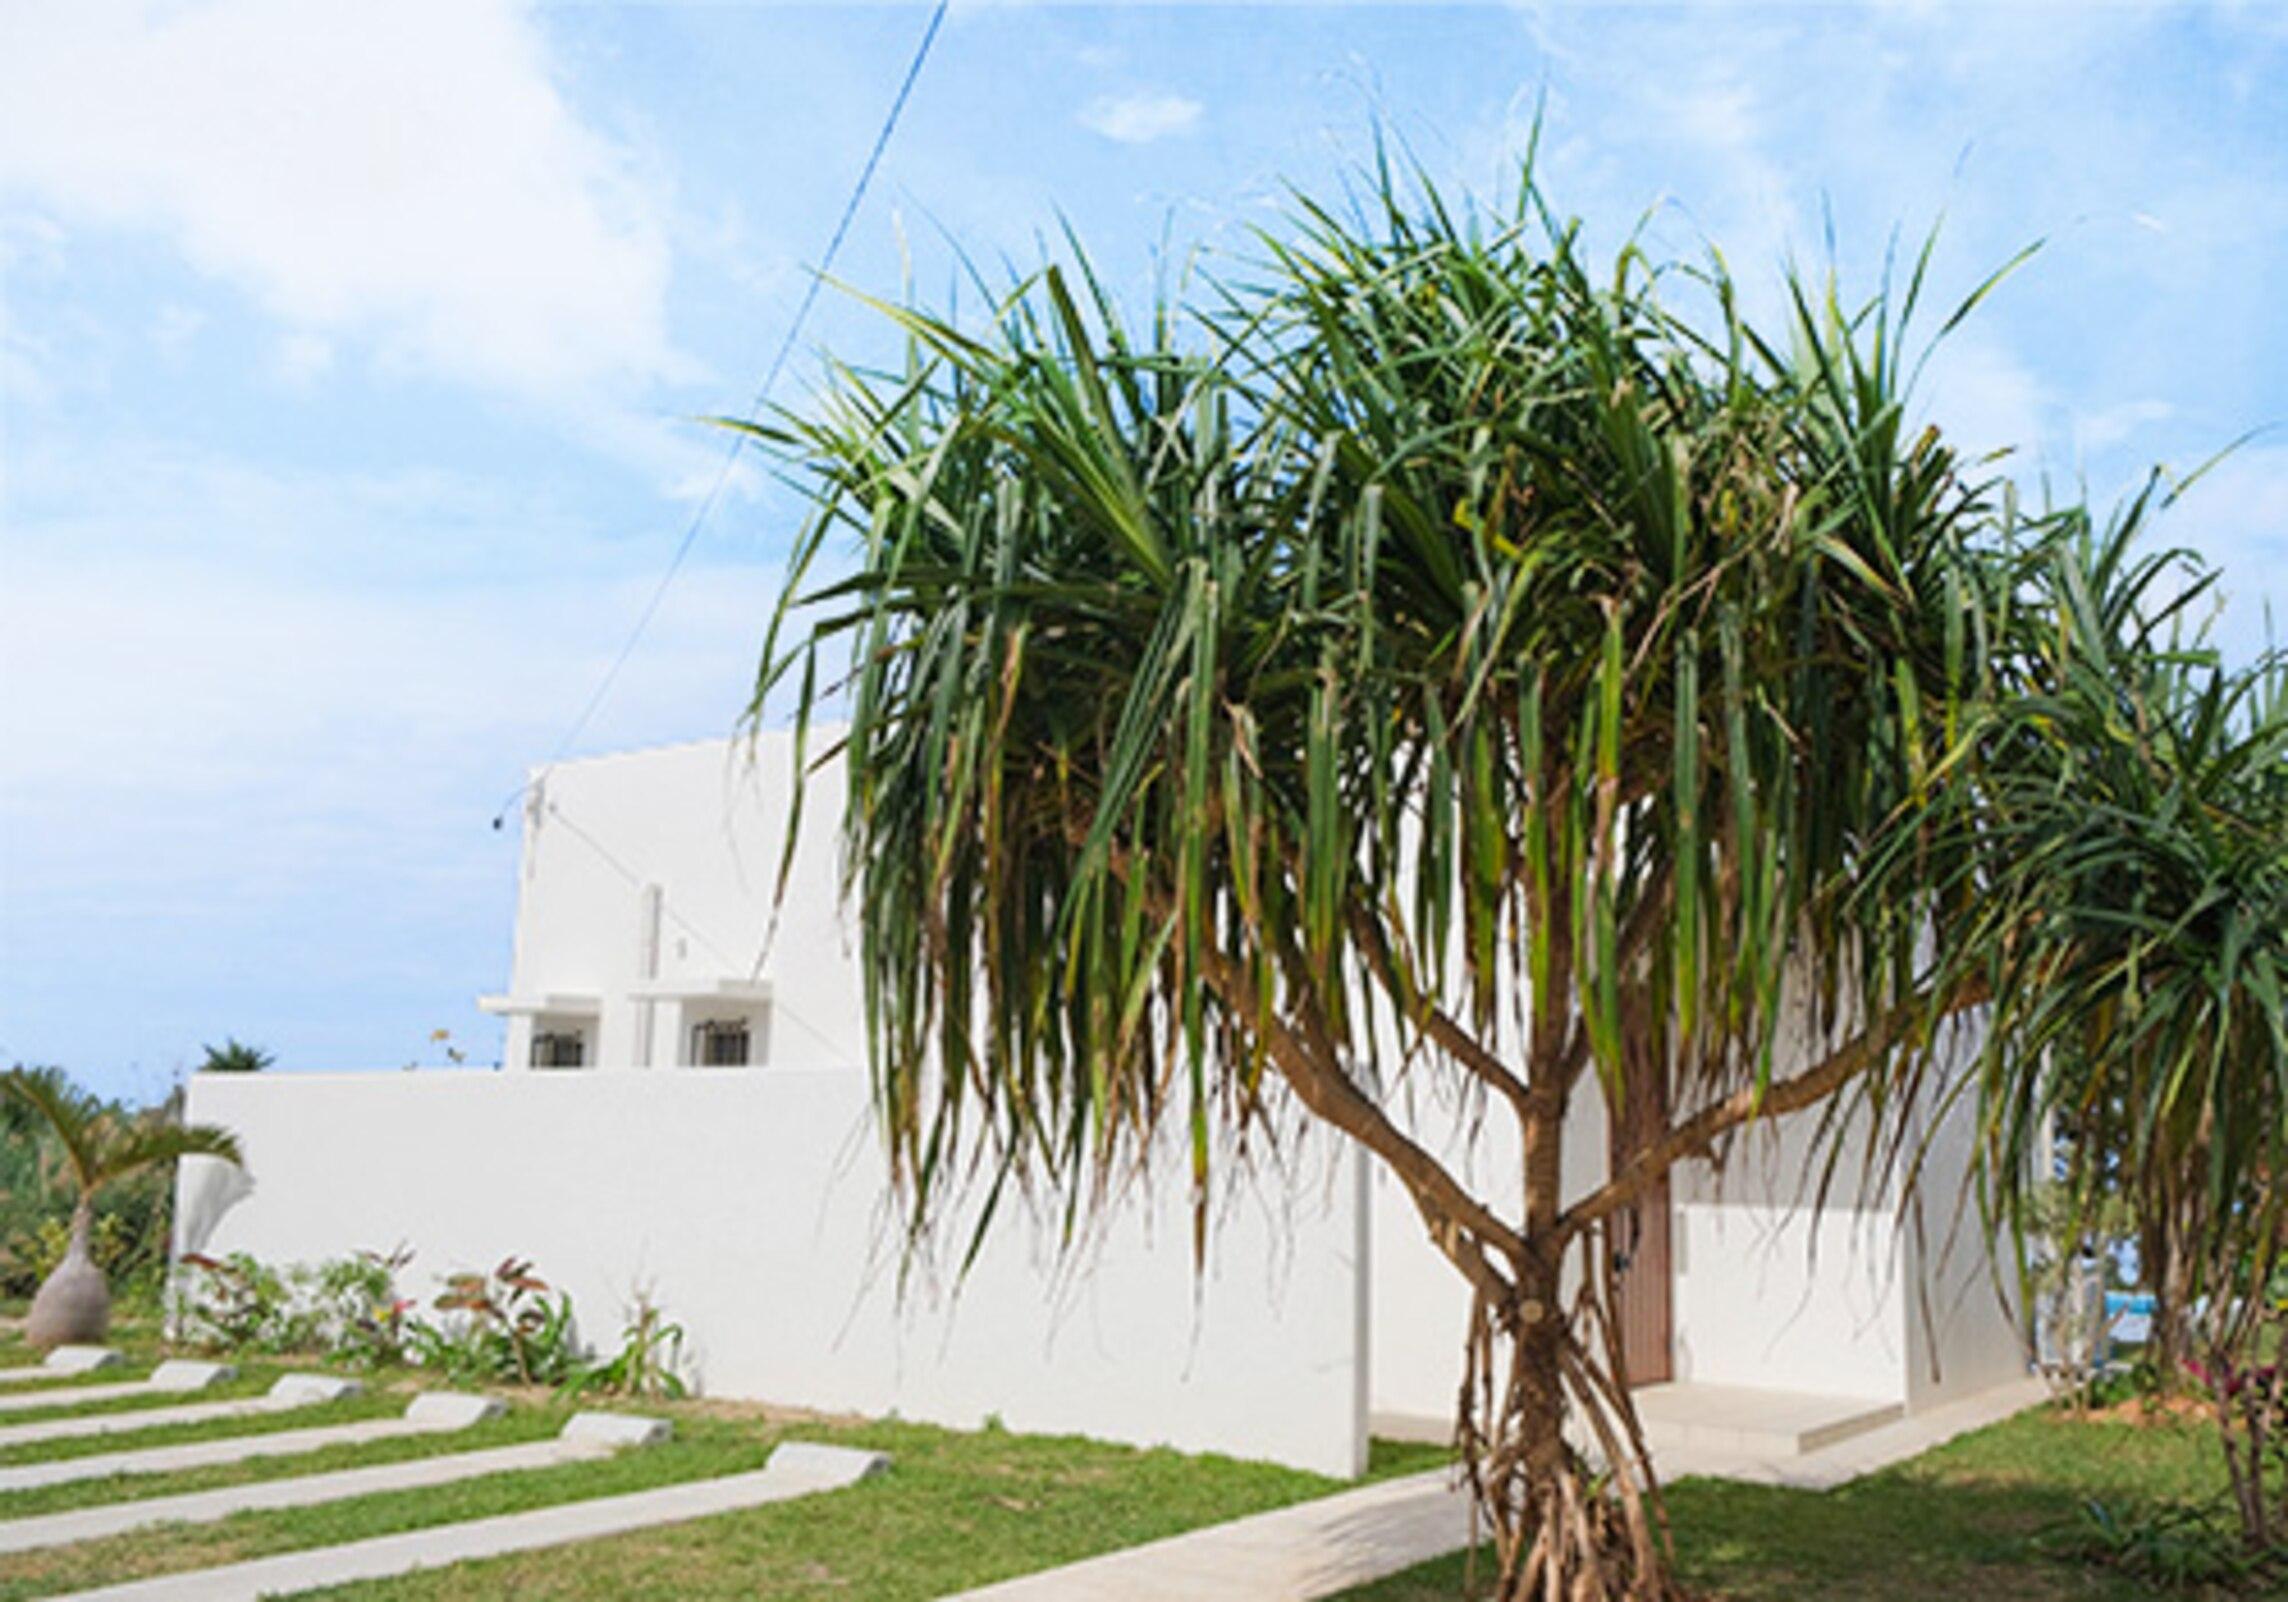 ブルーオーシャンリゾート石垣島